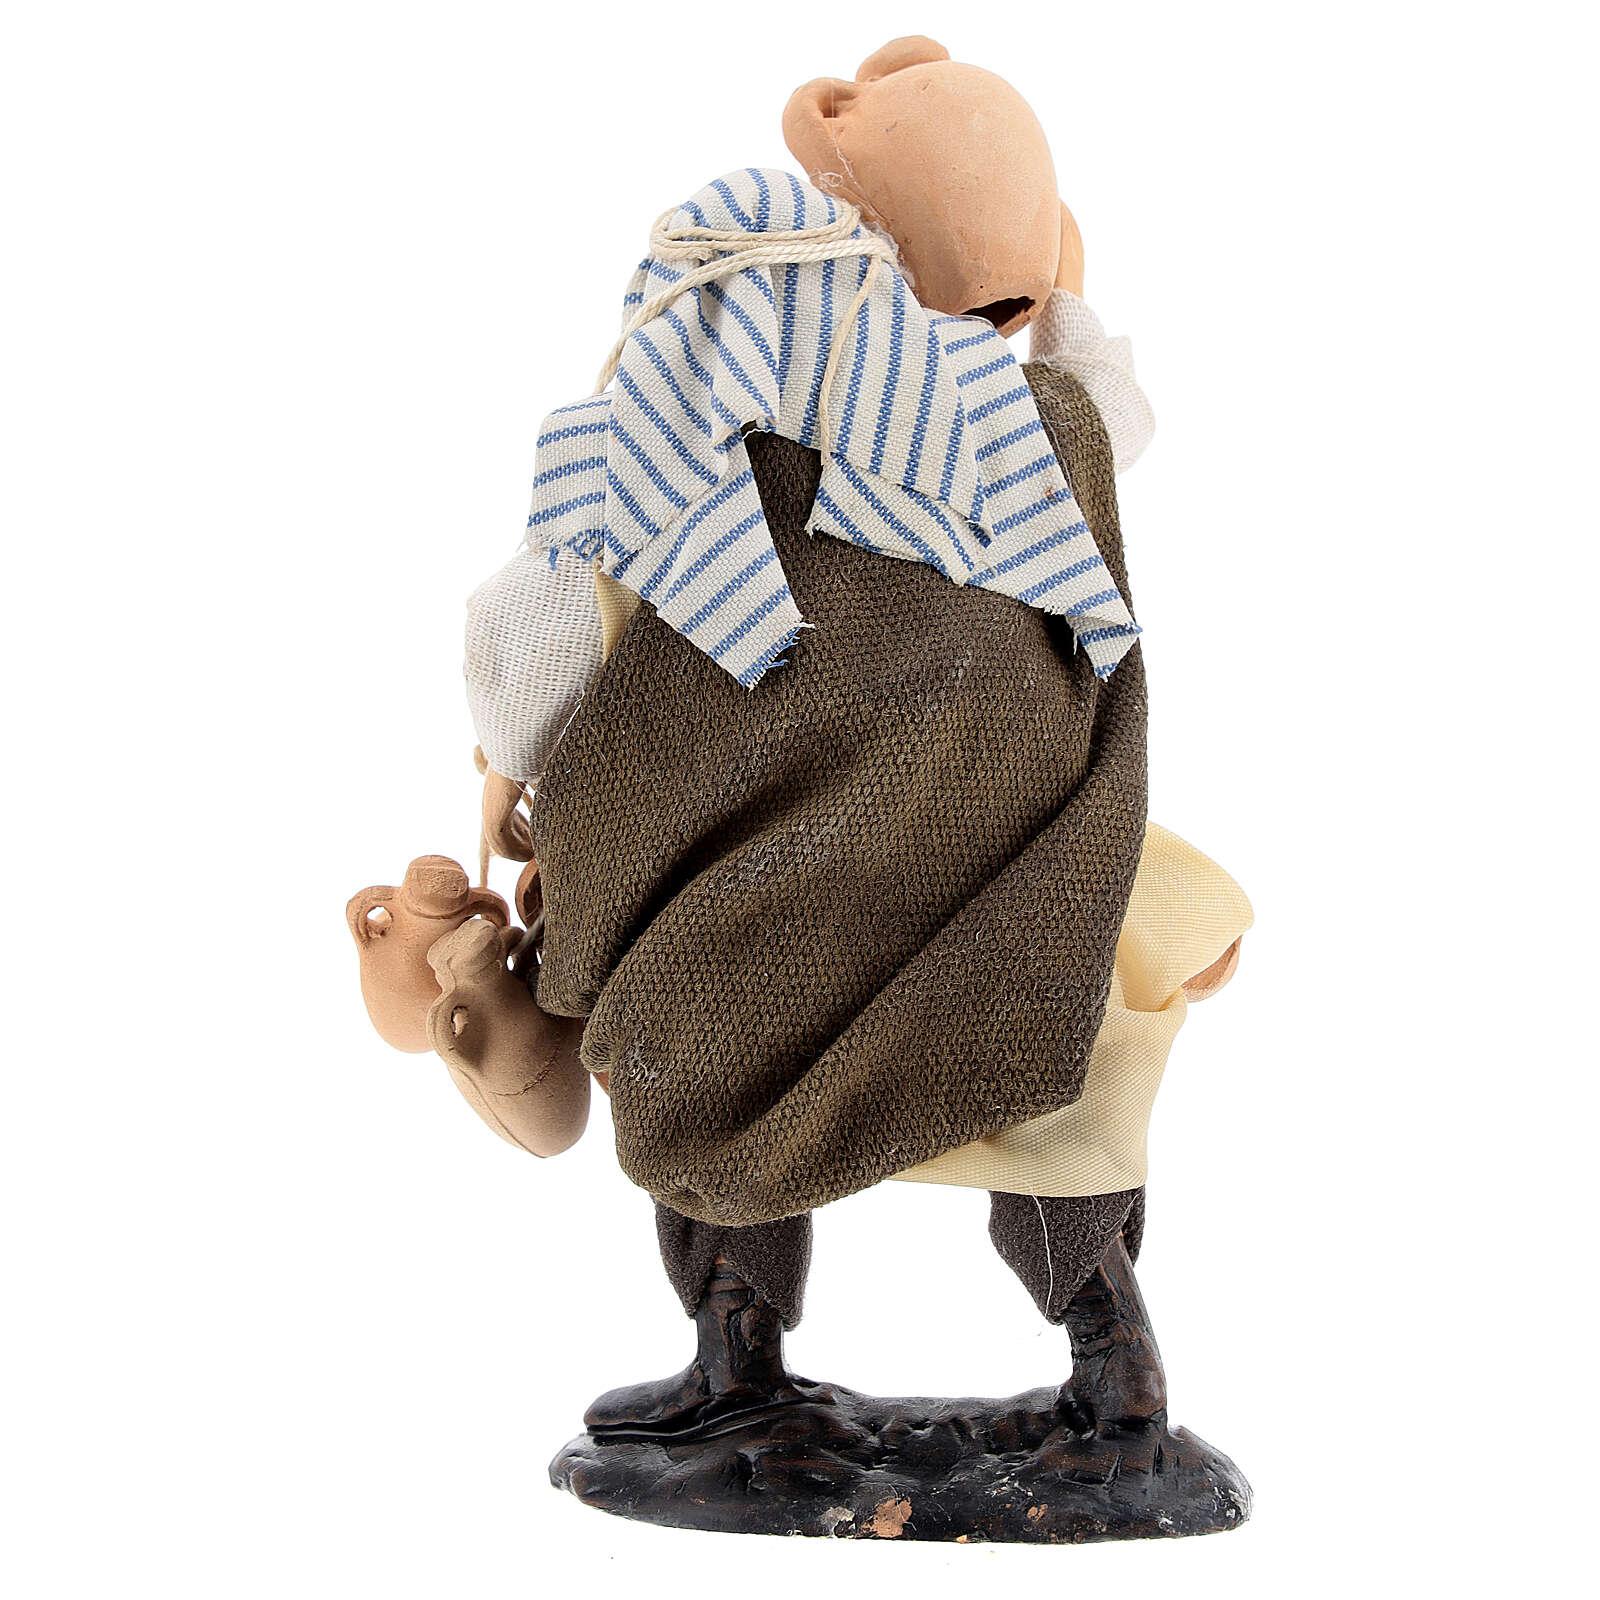 Uomo con anfore statua terracotta 12 cm presepe napoletano 4